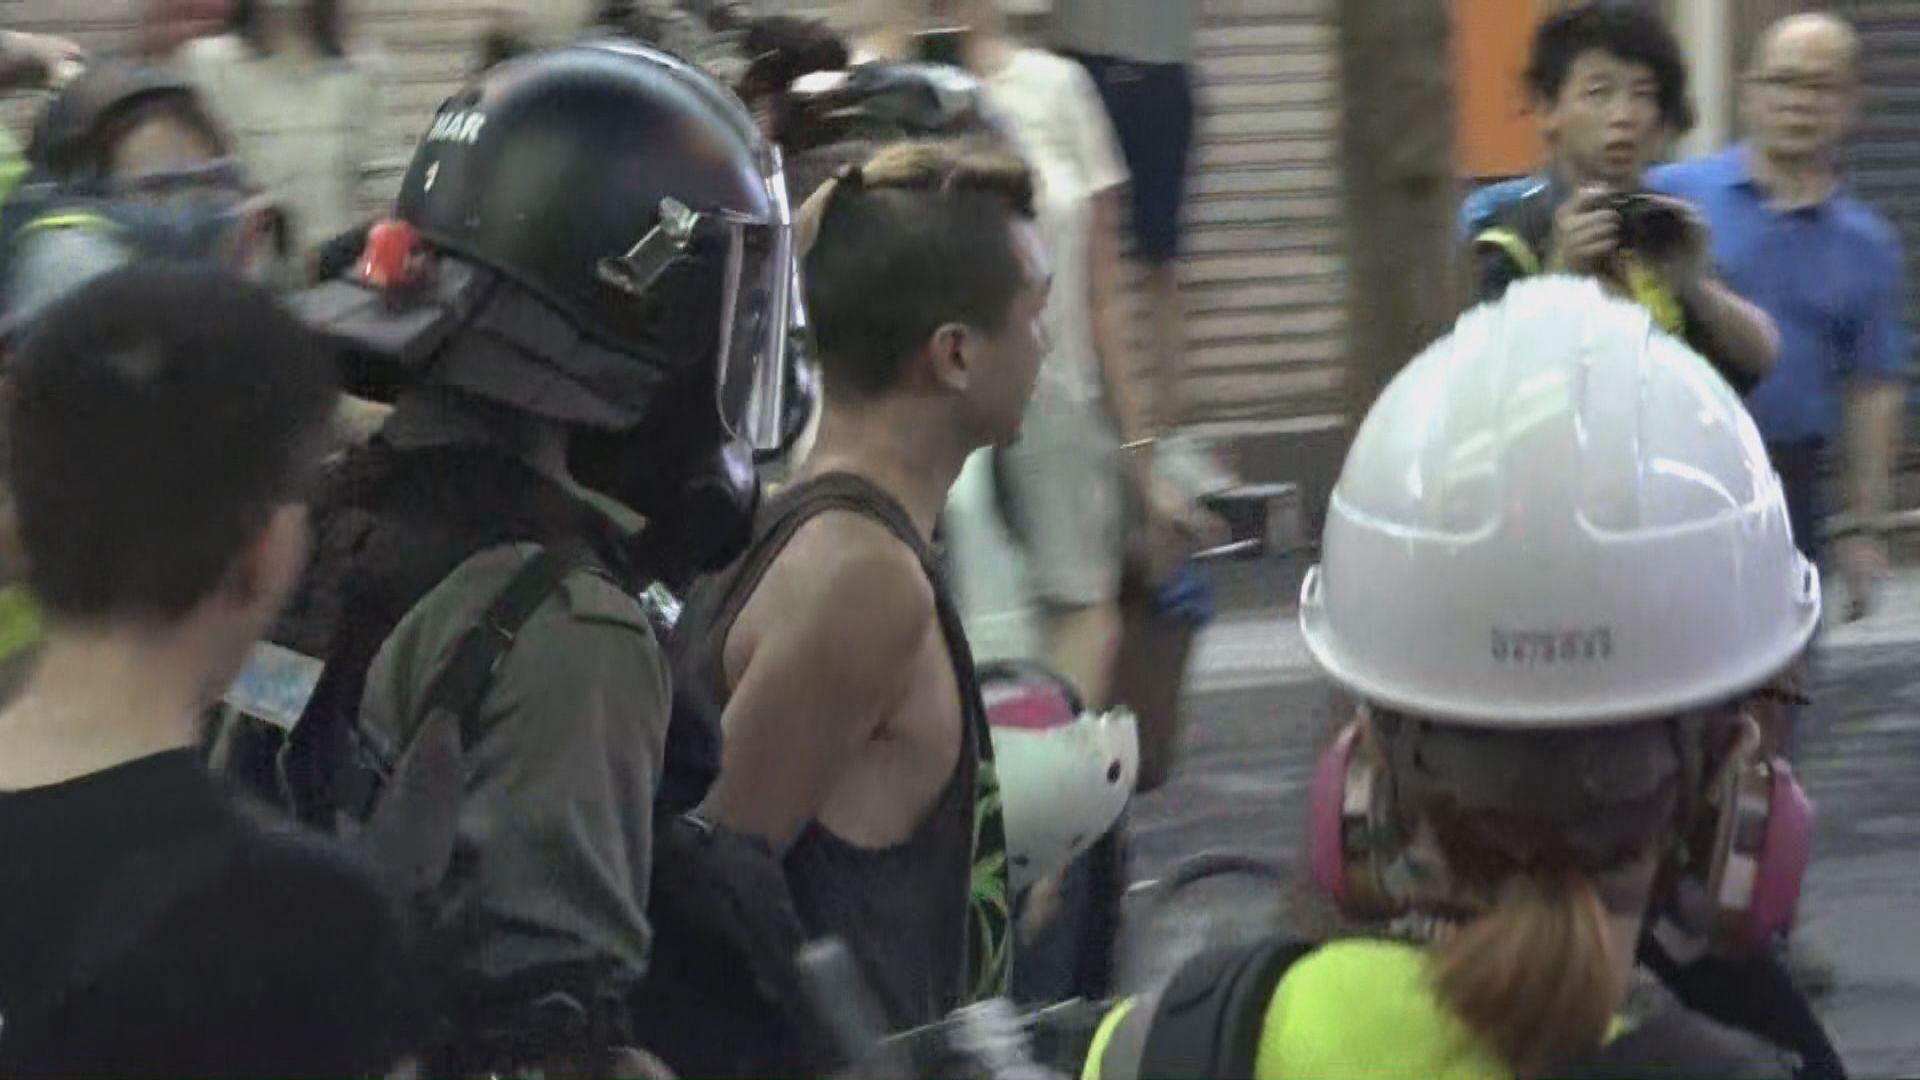 去年8月銅鑼灣衝突 6人暴動罪不成立1人罪成候判